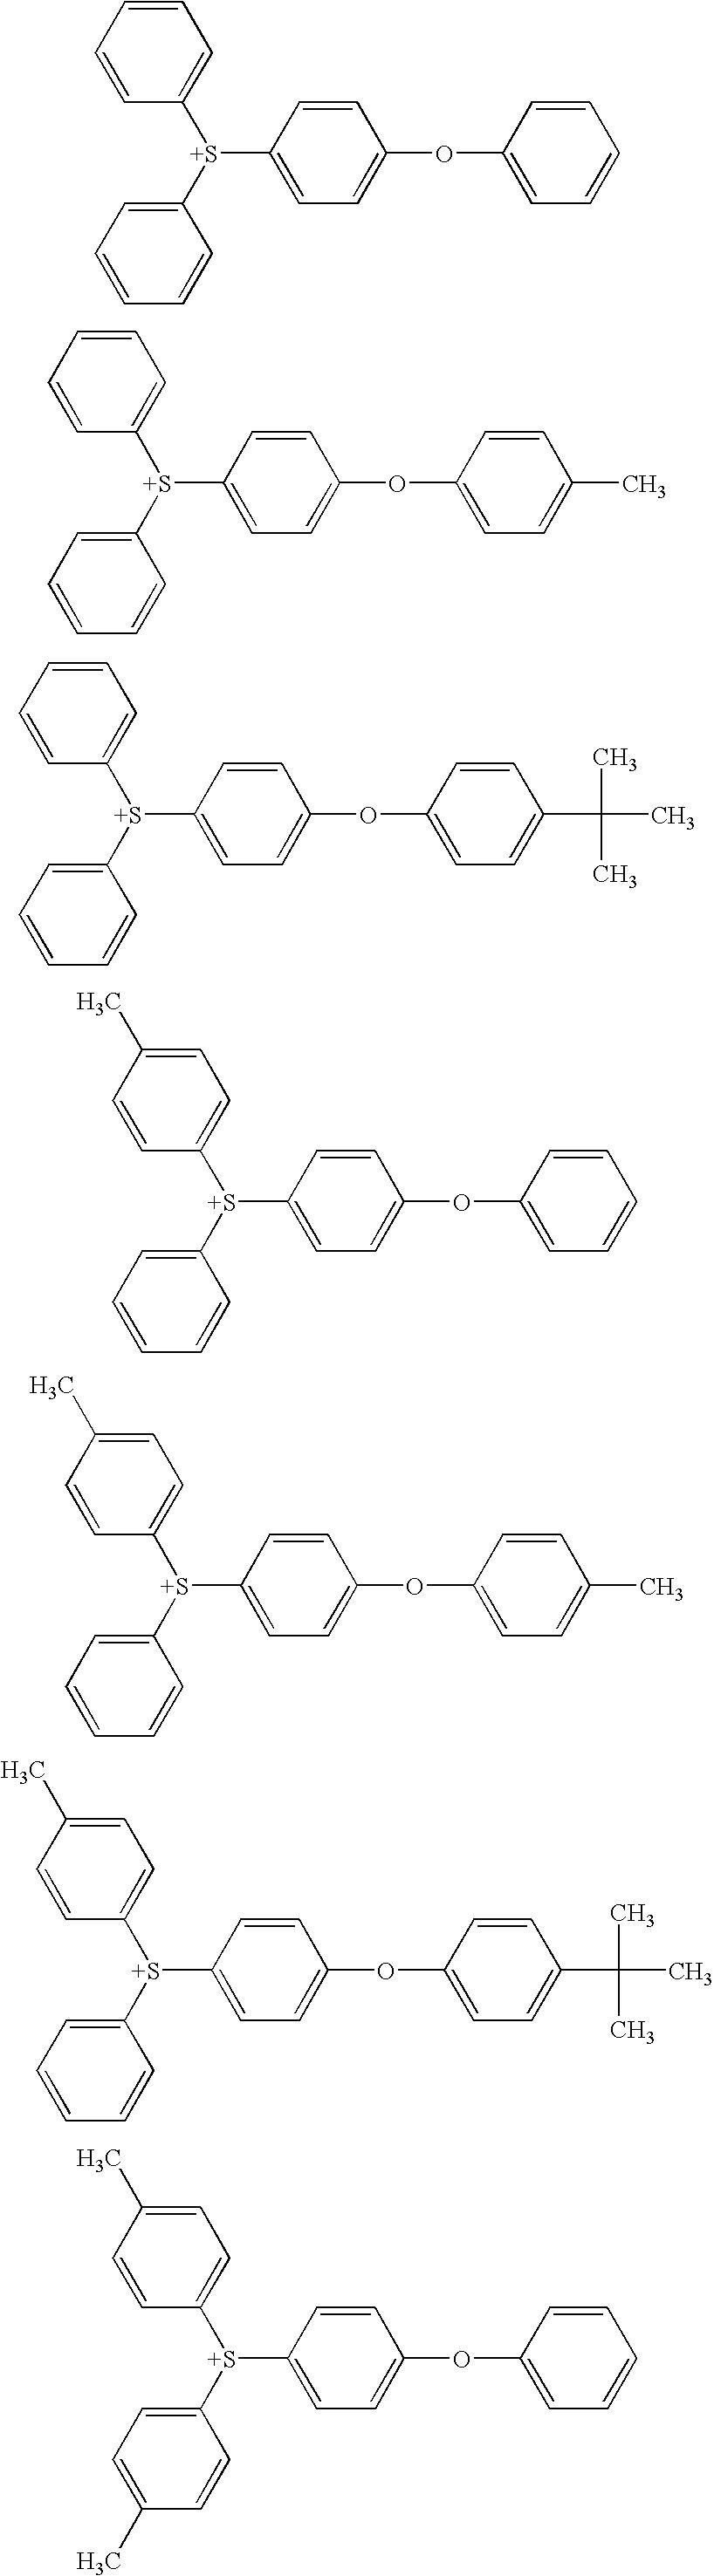 Figure US20100323296A1-20101223-C00141